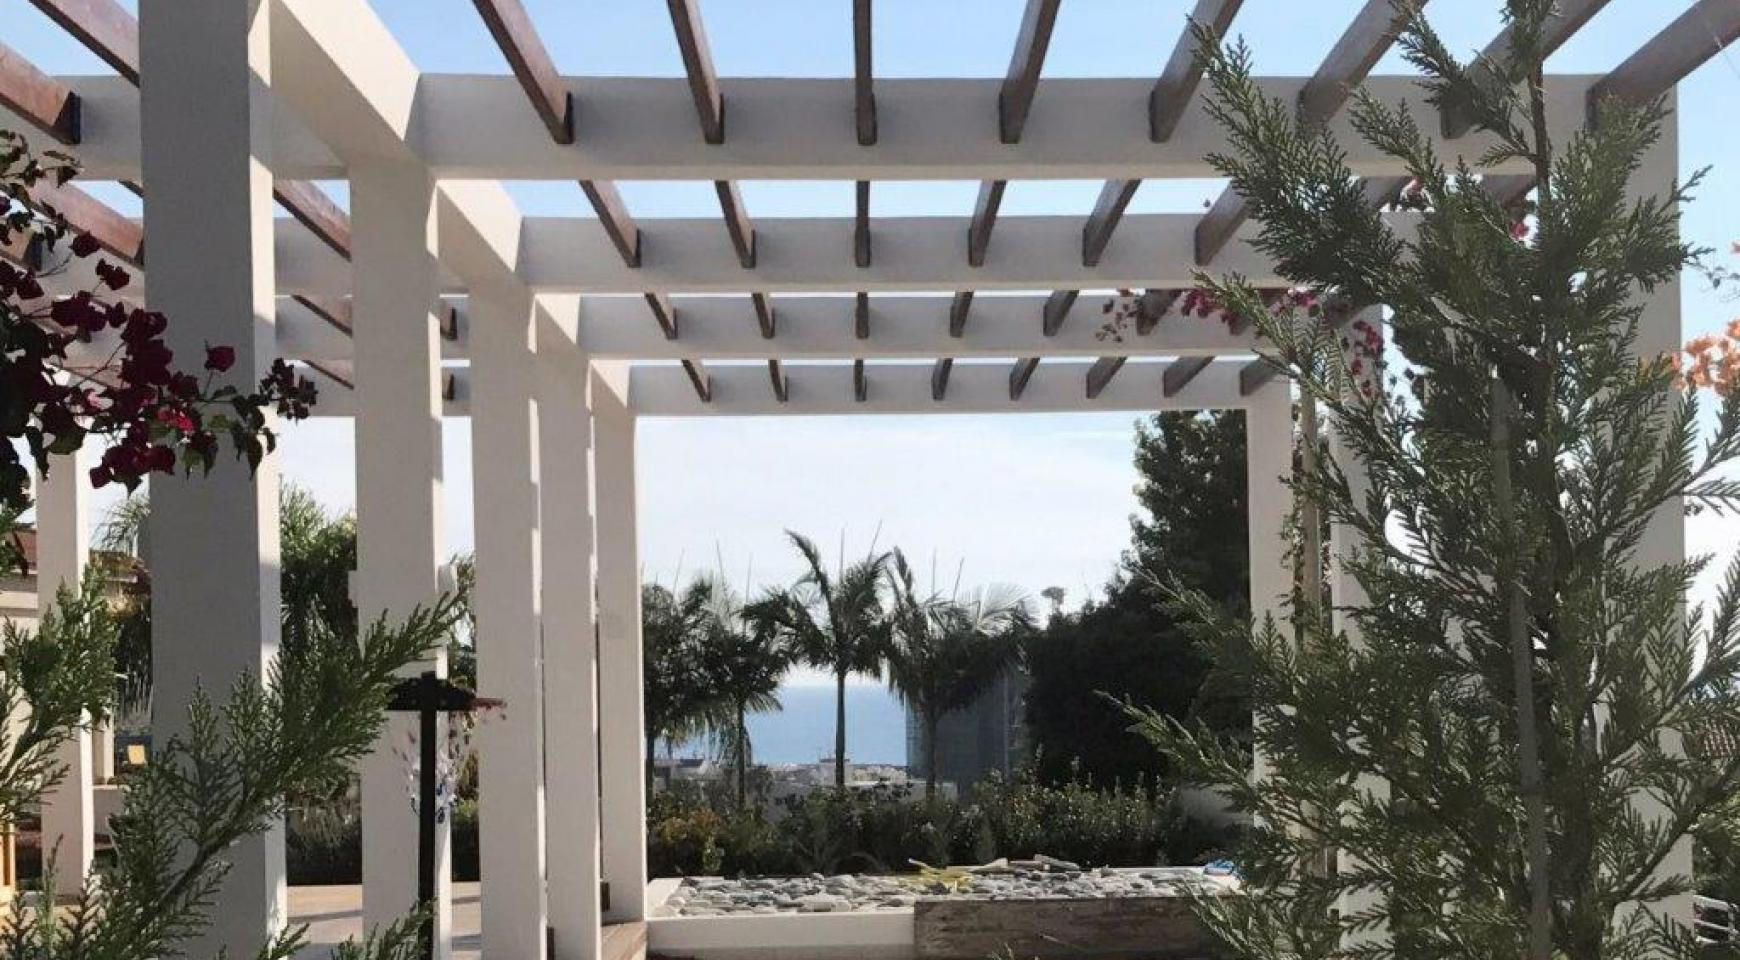 5 Bedroom Villa with Sea Views in Agios Tychonas Area - 3